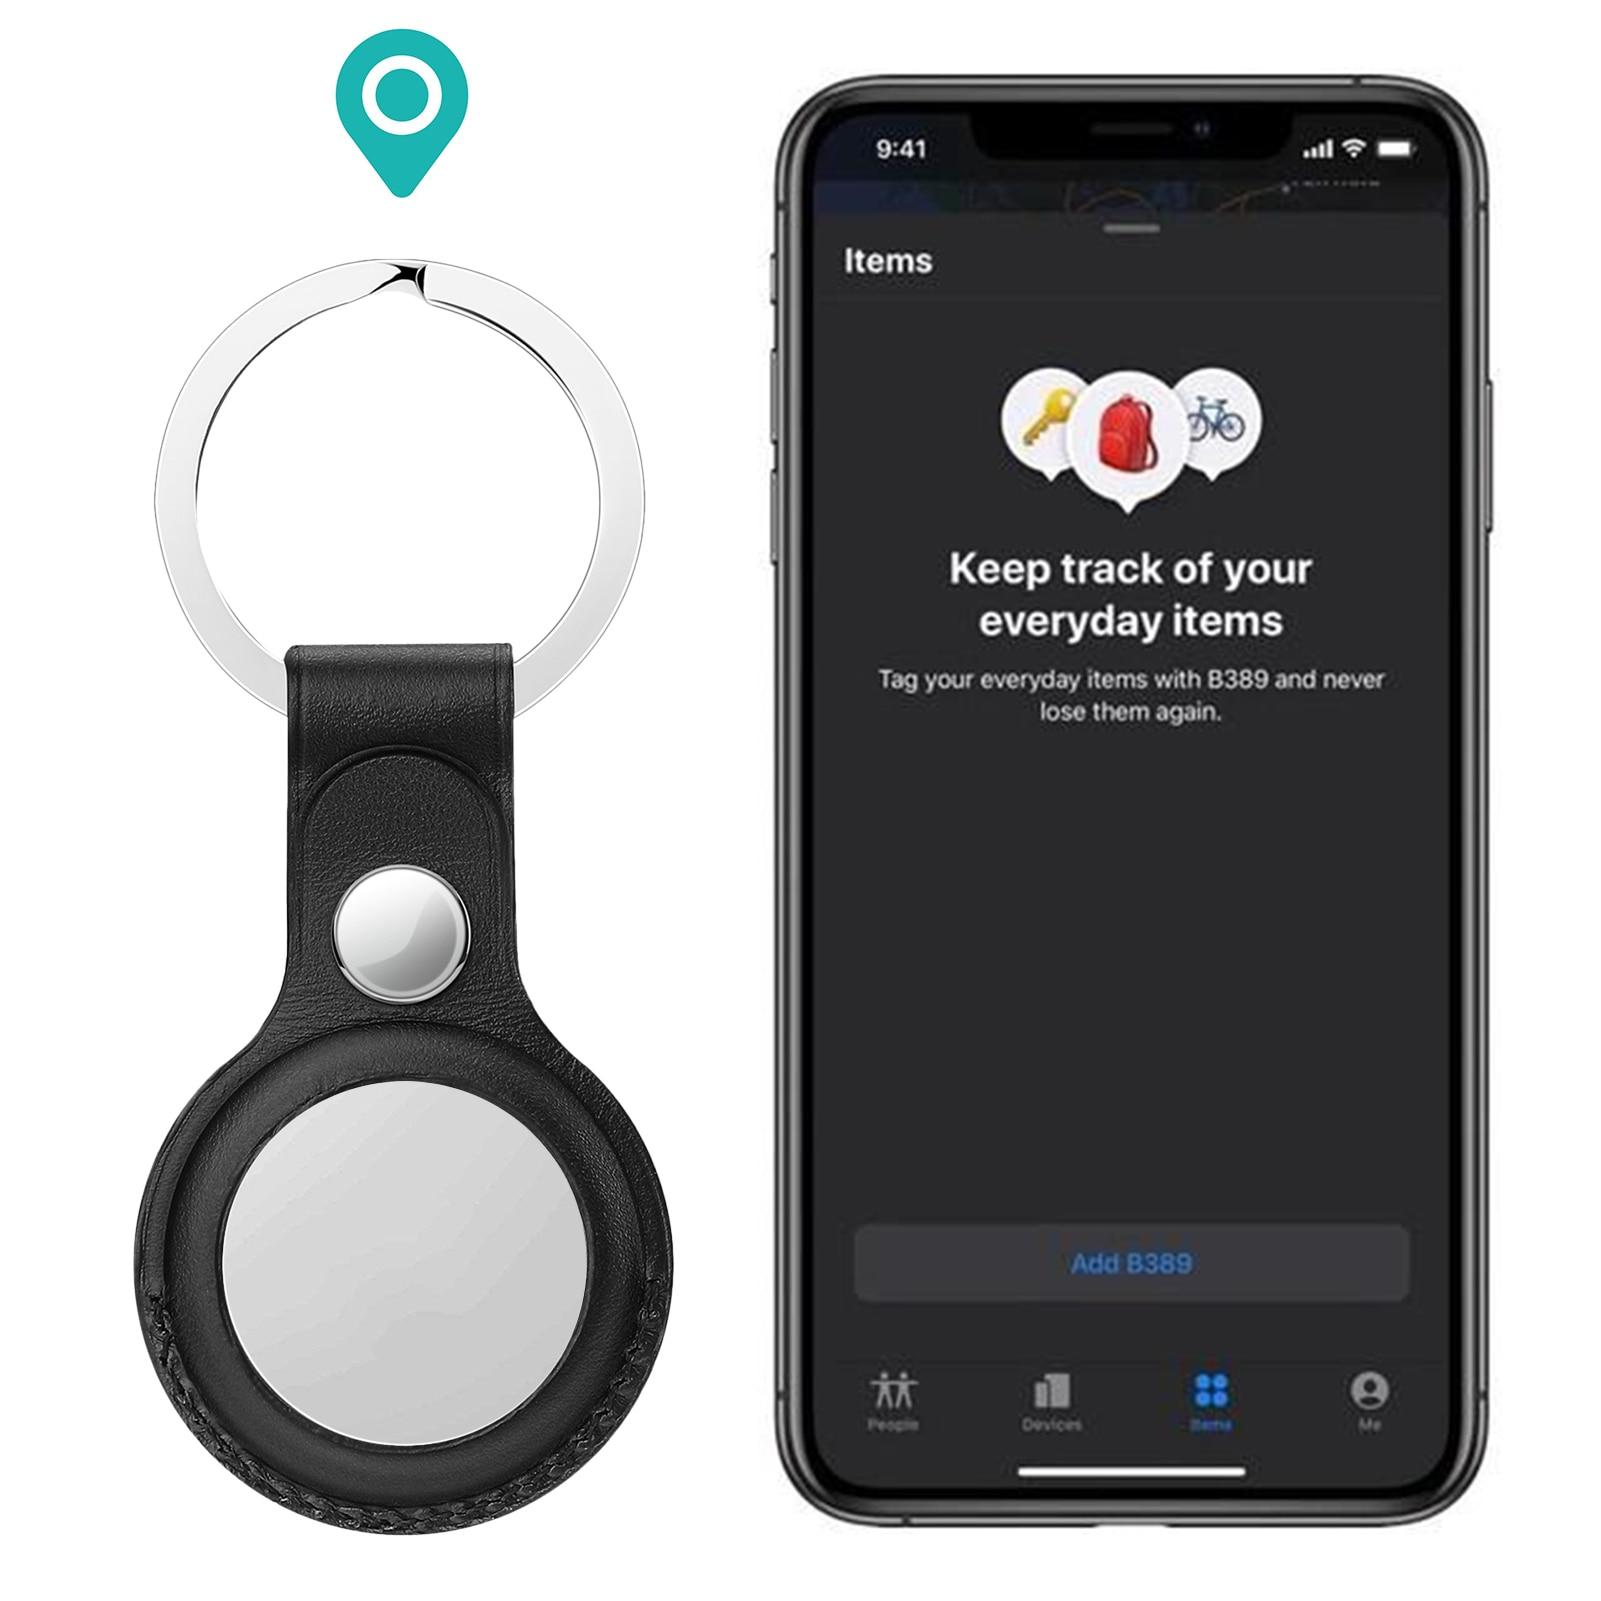 Per Apple AirTag custodia protettiva in pelle custodia portachiavi per localizzatore Apple Tracker dispositivo anti-smarrimento custodia protettiva per AirTag